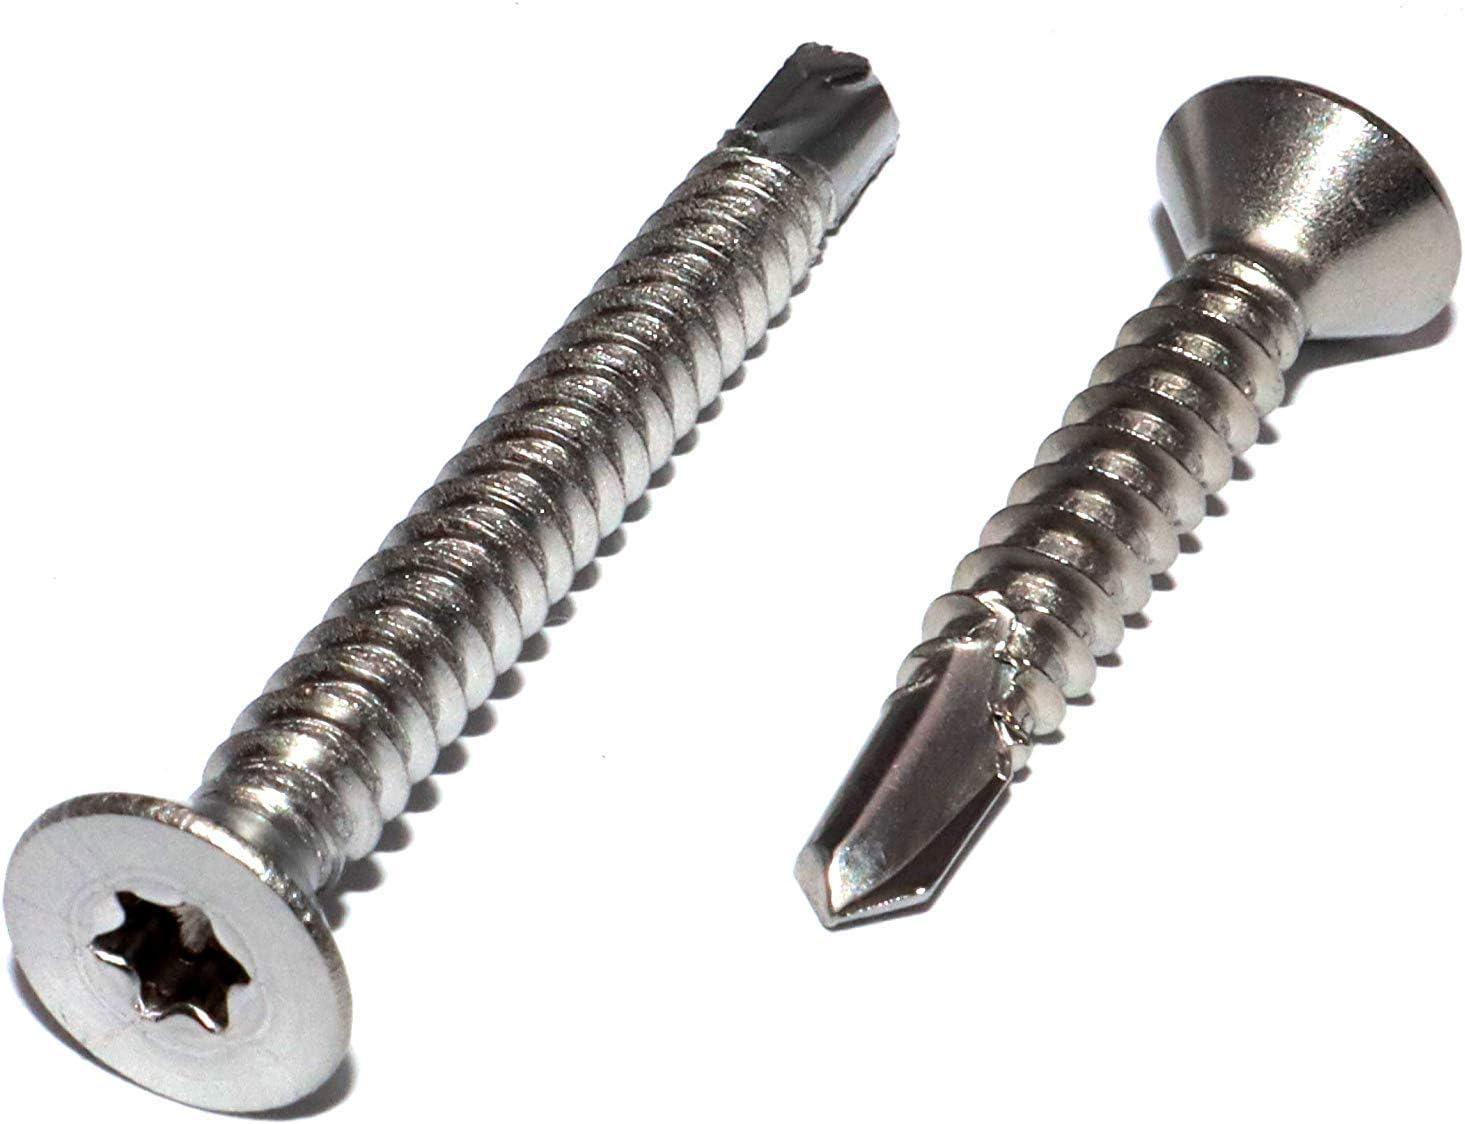 Bohrschrauben Form O mit Innensechsrund Torx und Senkkopf 3,9x38 DIN 7504 Edelstahl A2 St/ückzahl 50 Schnellbauschrauben selbstschneidend